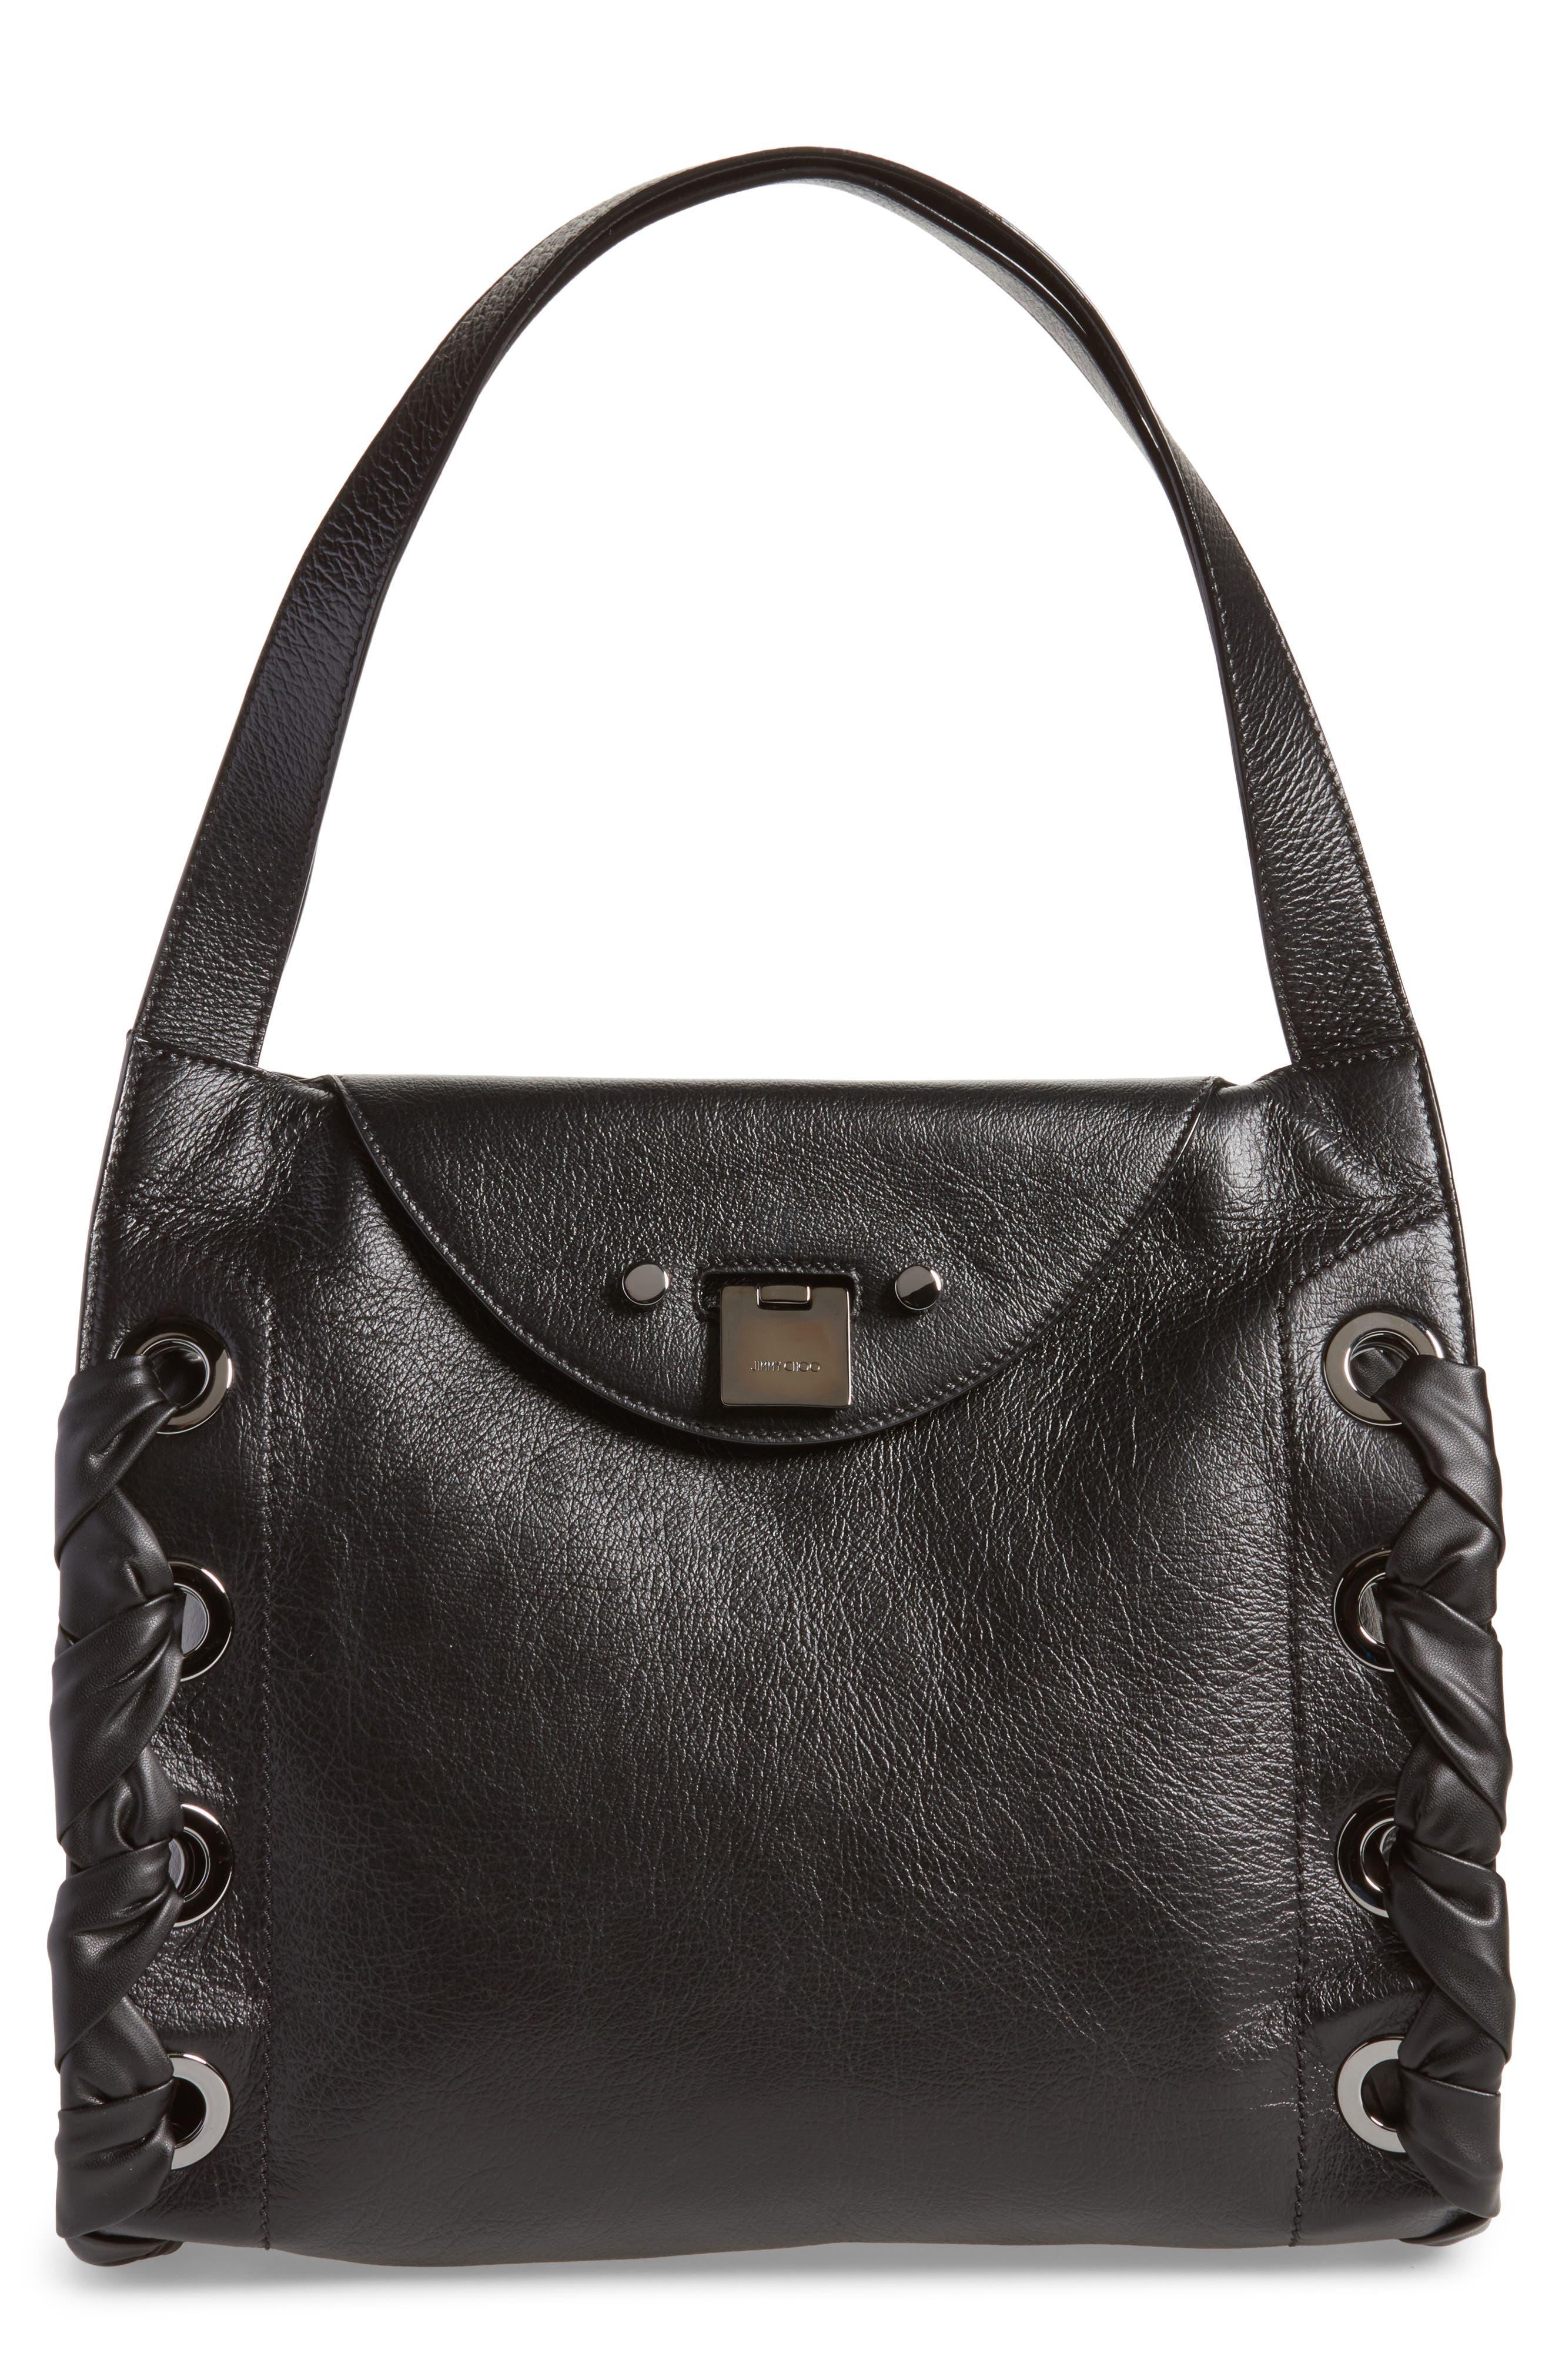 Jimmy Choo Rebel Leather Shoulder Bag